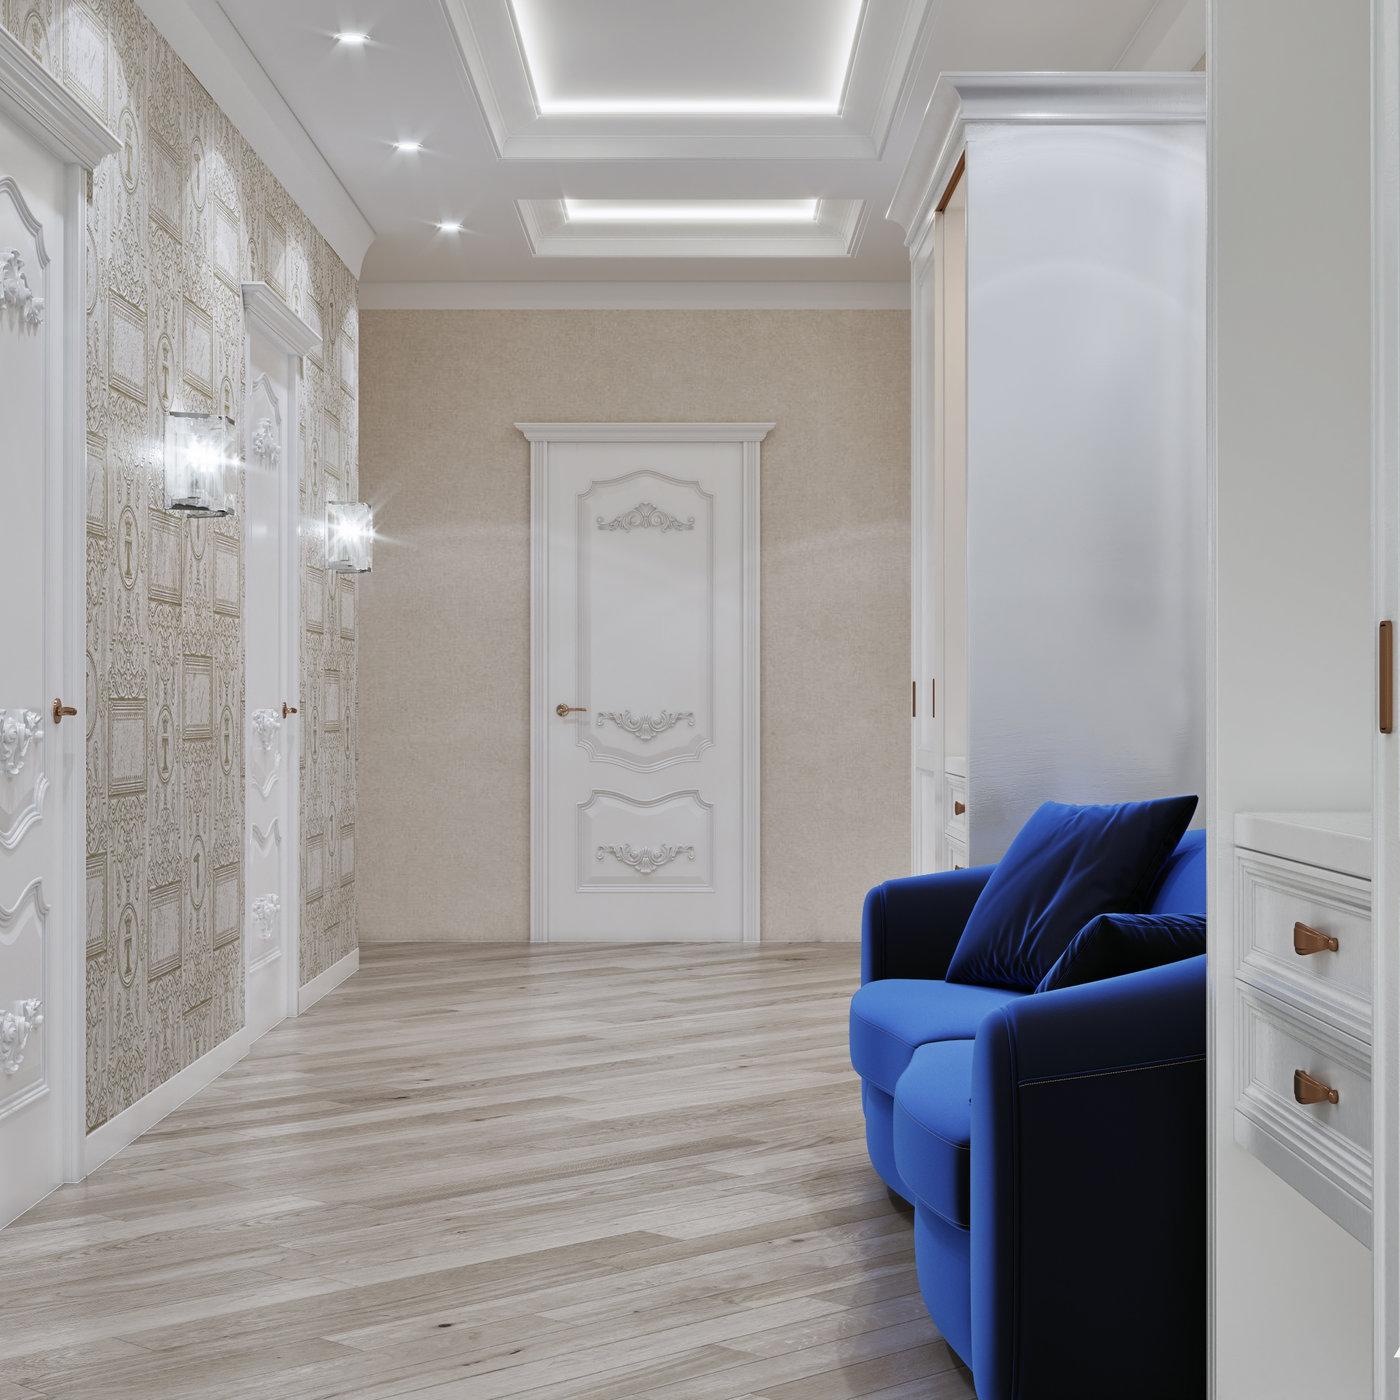 Luxury №777 apartment in Singapore 3